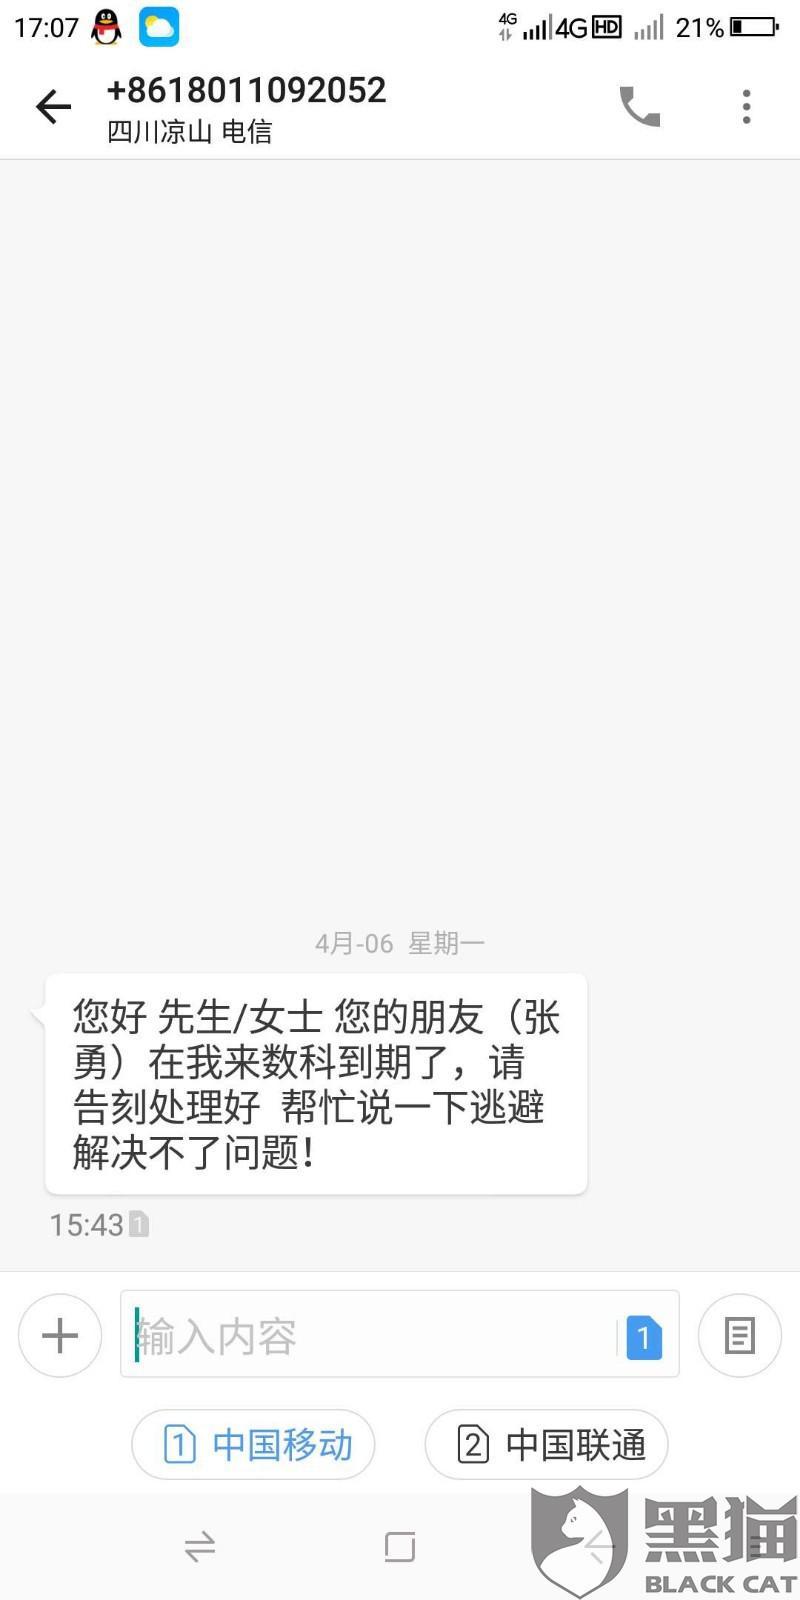 黑猫投诉:泄露客户信息,乱发骚扰暴力催收短信!